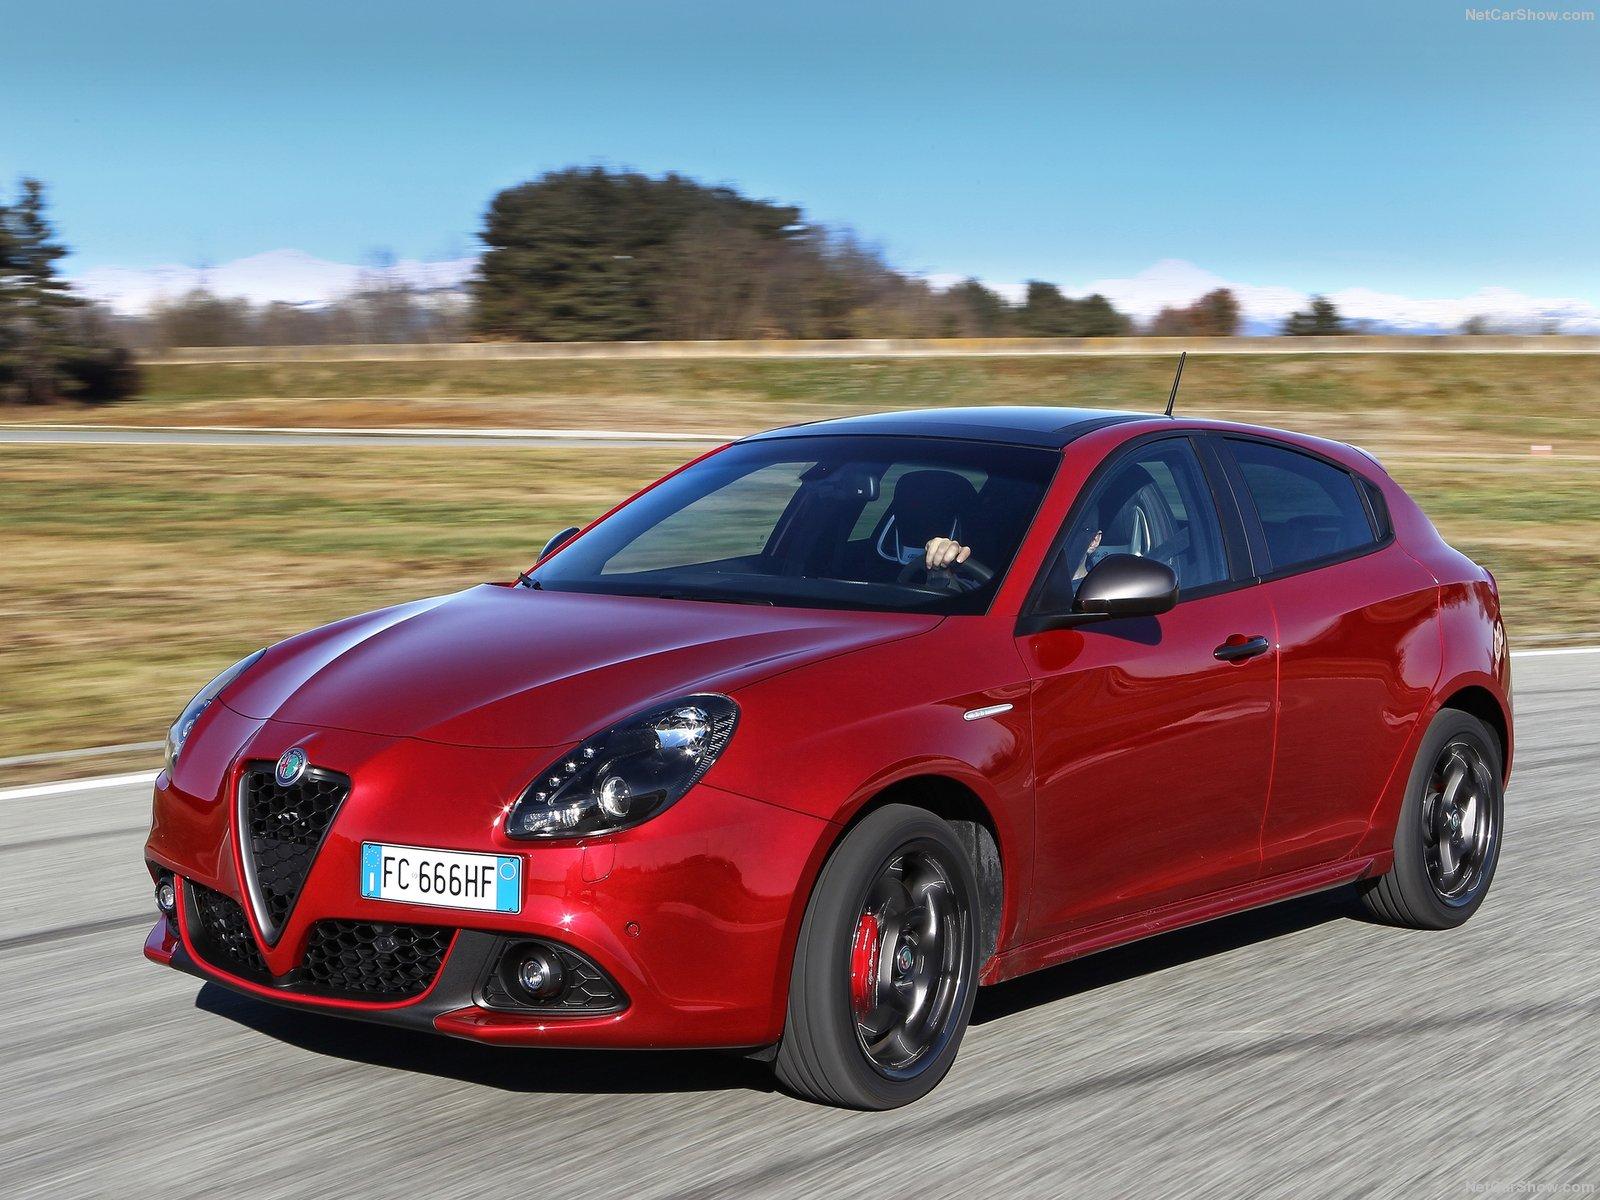 Alfa Romeo Giulietta 2019 Veloce In Qatar New Car Prices Specs